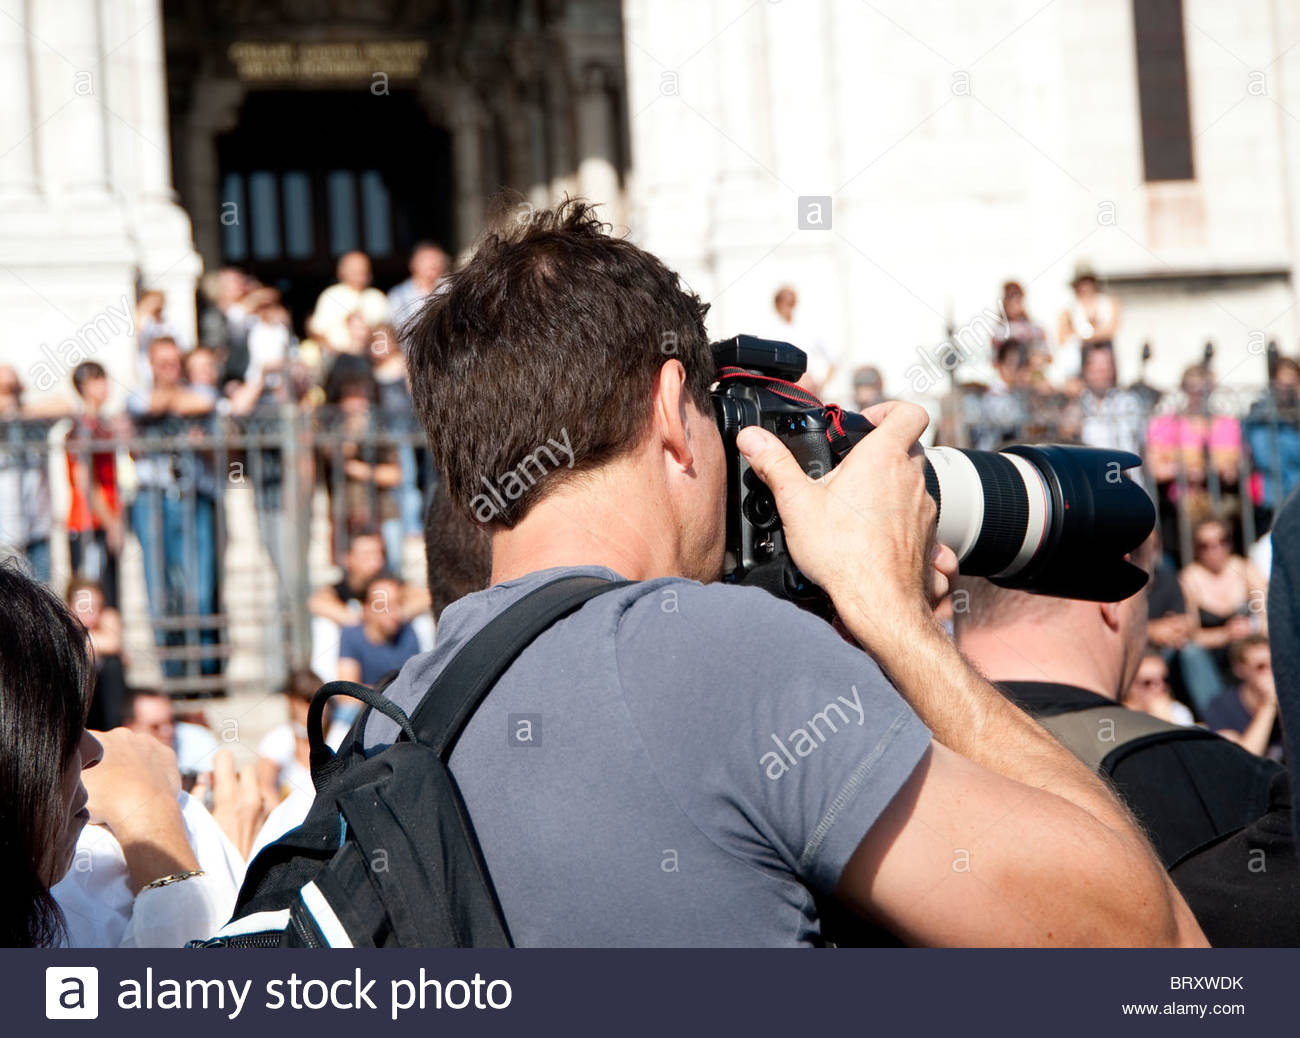 Fotografo professionista con un teleobiettivo Immagini Stock